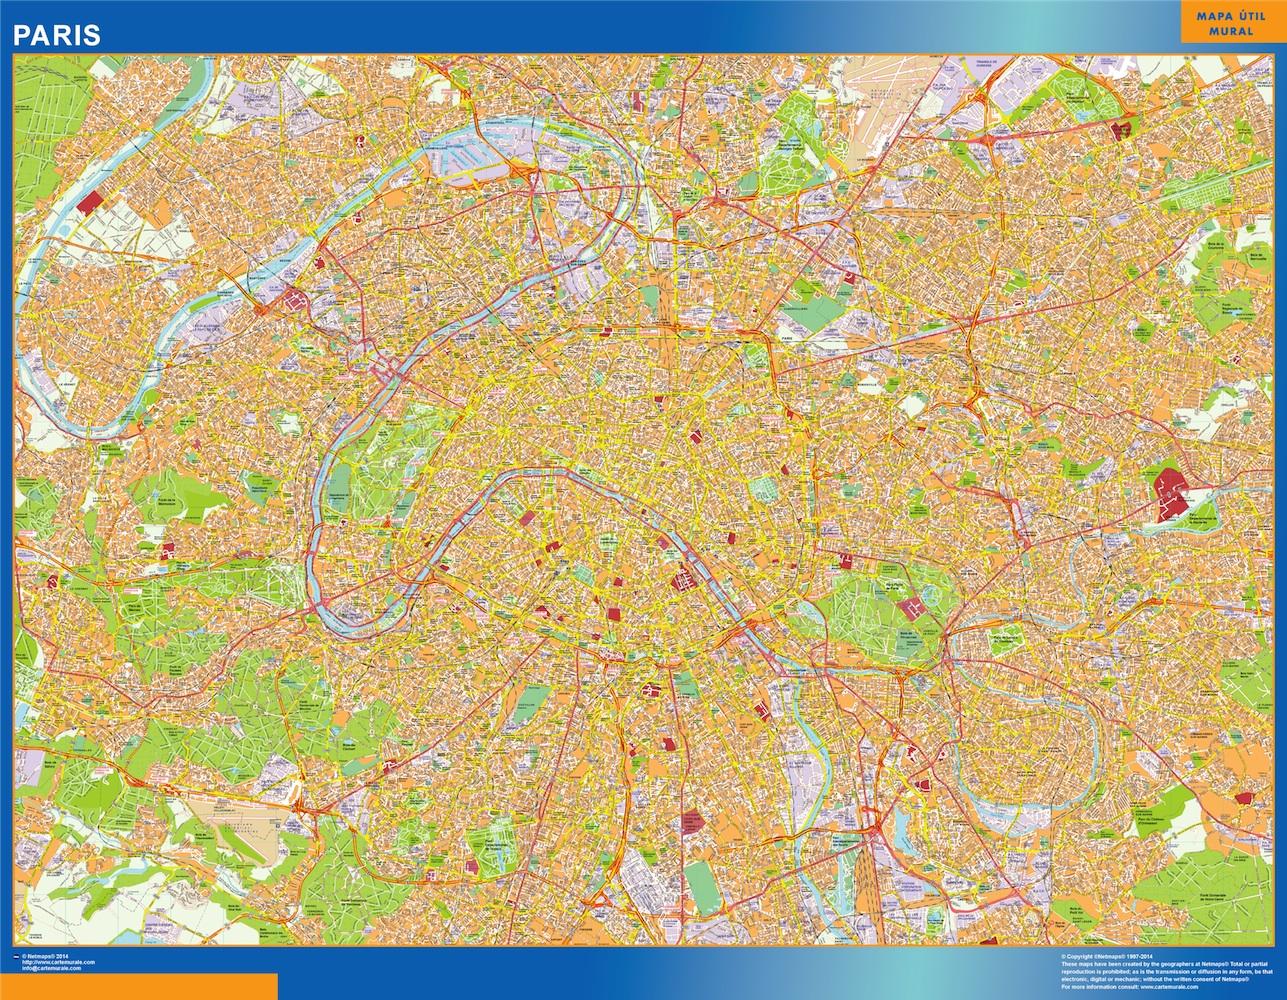 Mapa Paris en Francia plastificado gigante